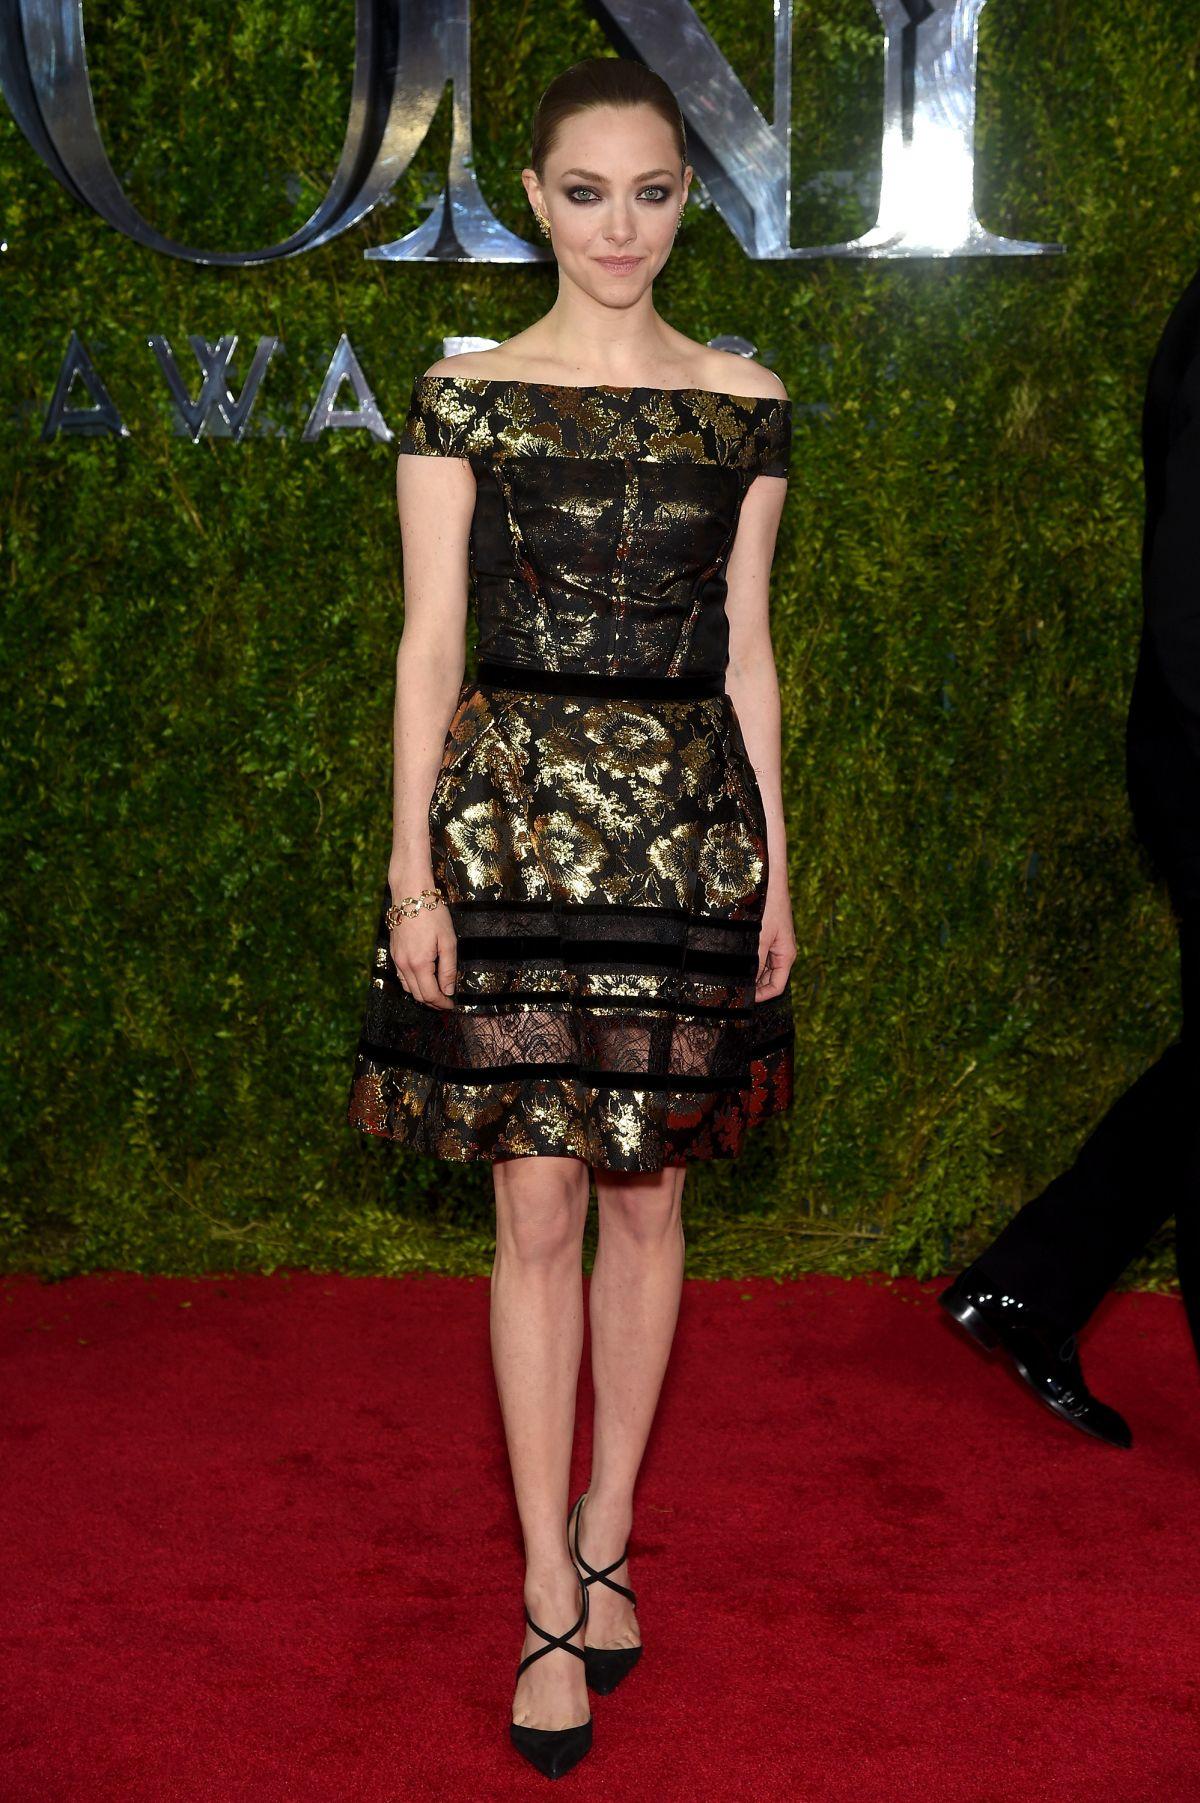 AMANDA SEYFRIED at 2015 Tony Awards in New York